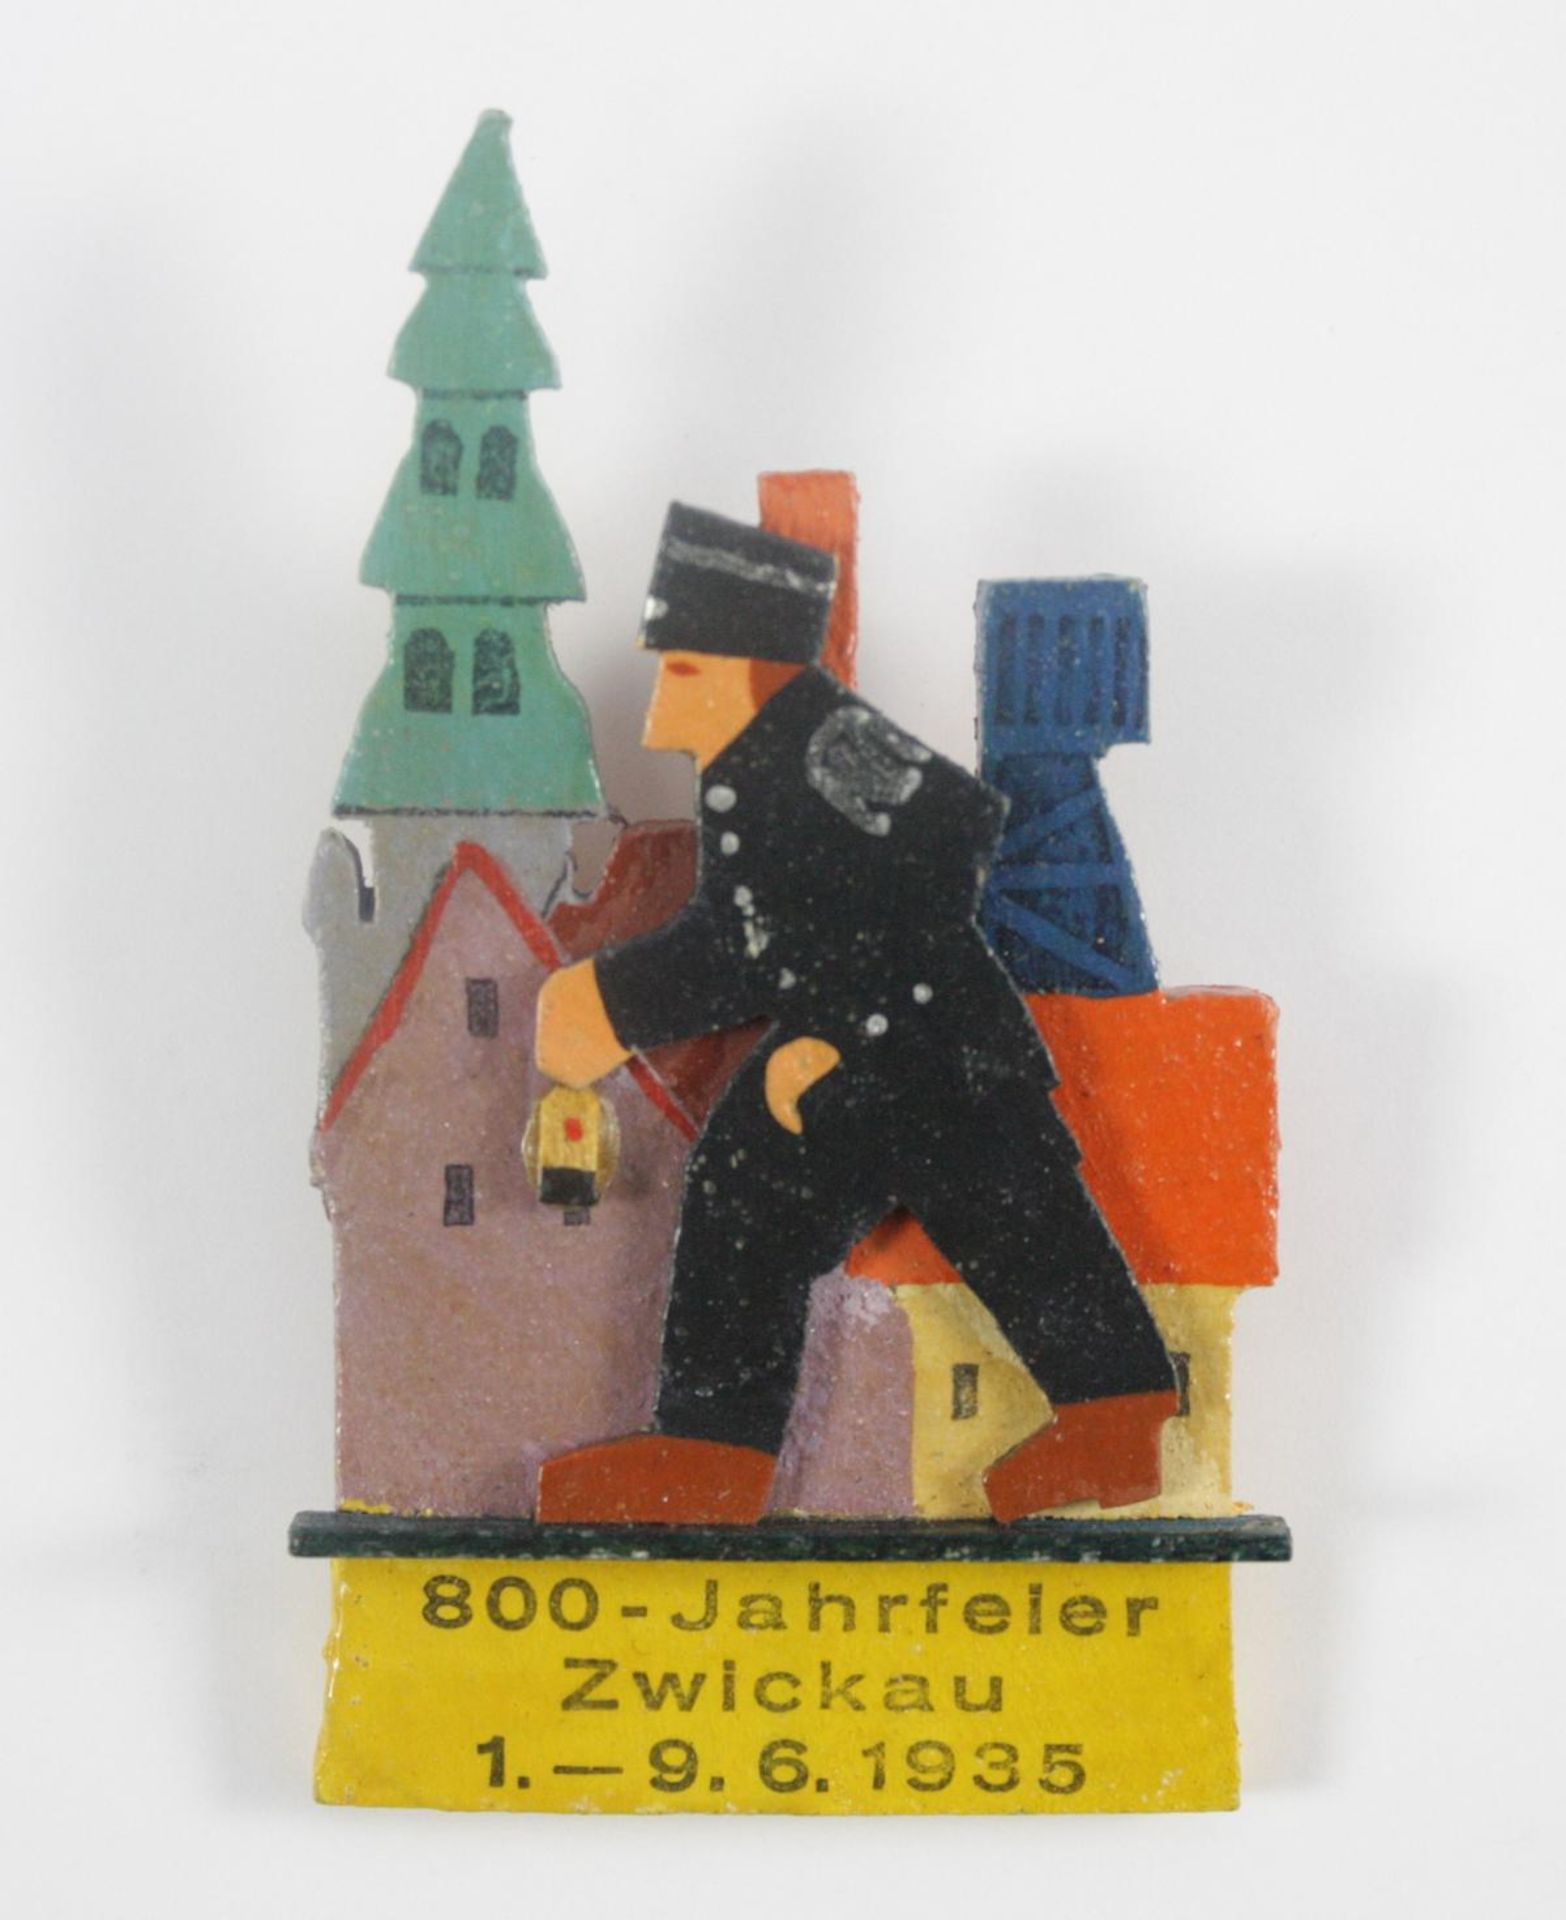 Abzeichen: 800 Jahrfeier Zwickau 1.-9.6. 1935